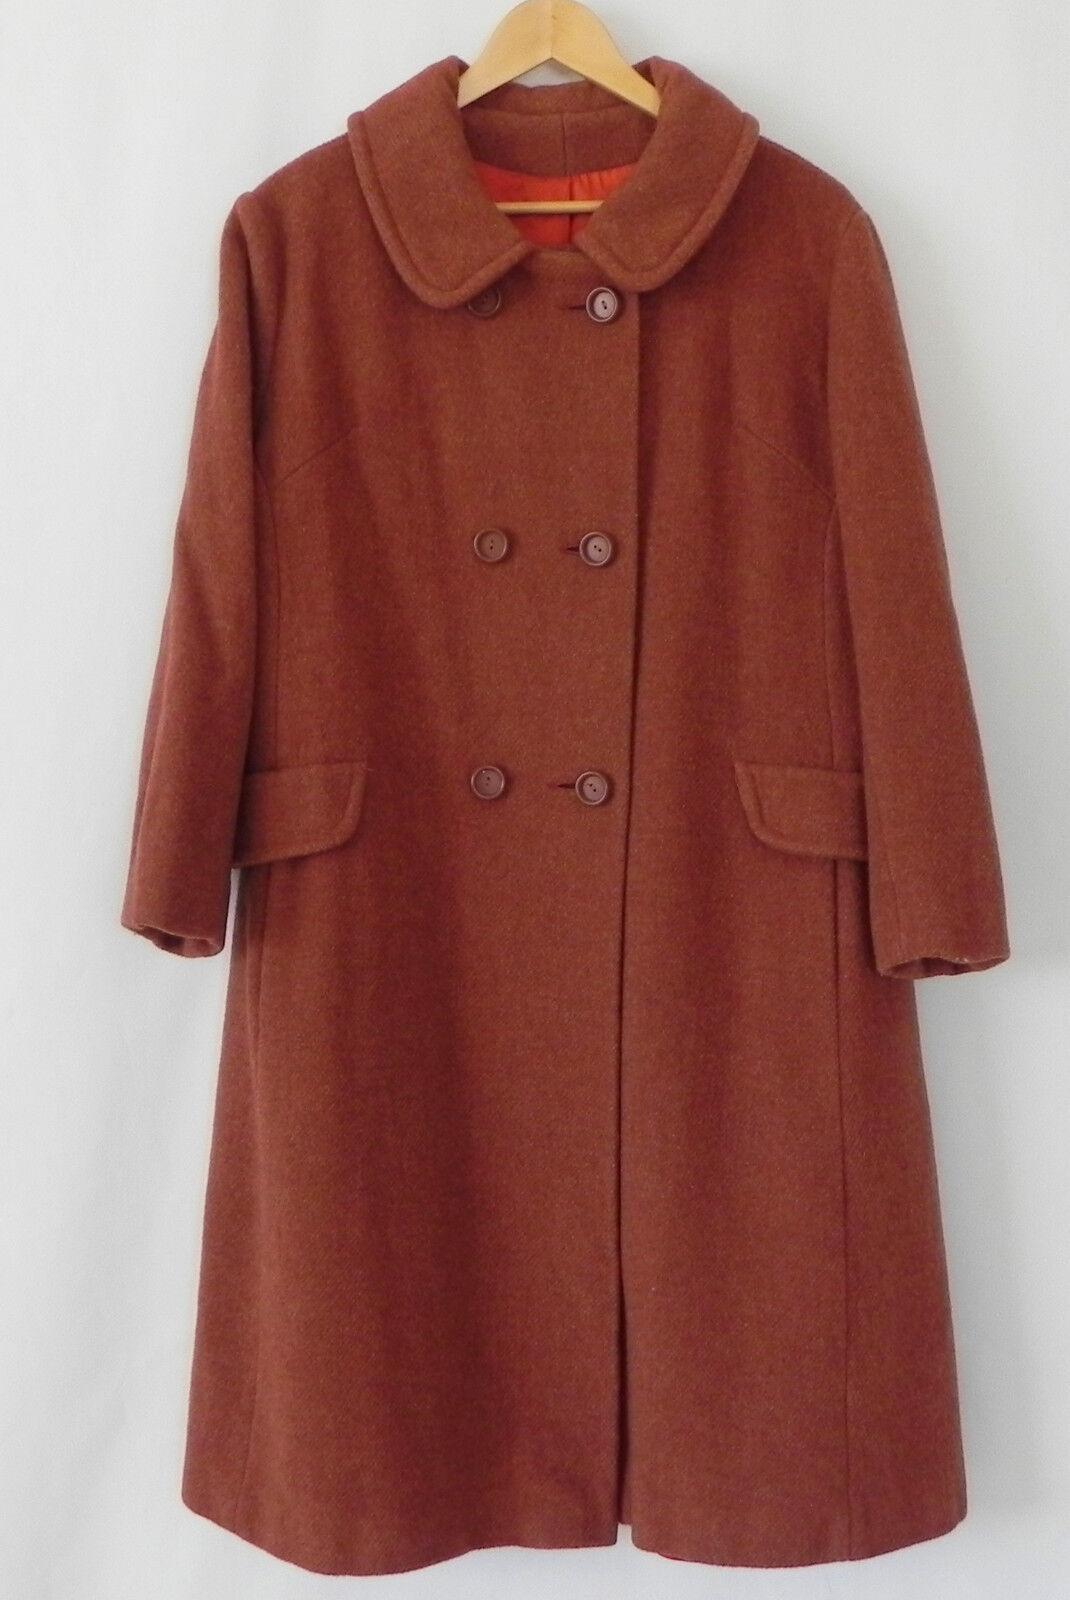 Vintage laine hommeteau Terre Cuite Boutonnage Double Taille XL